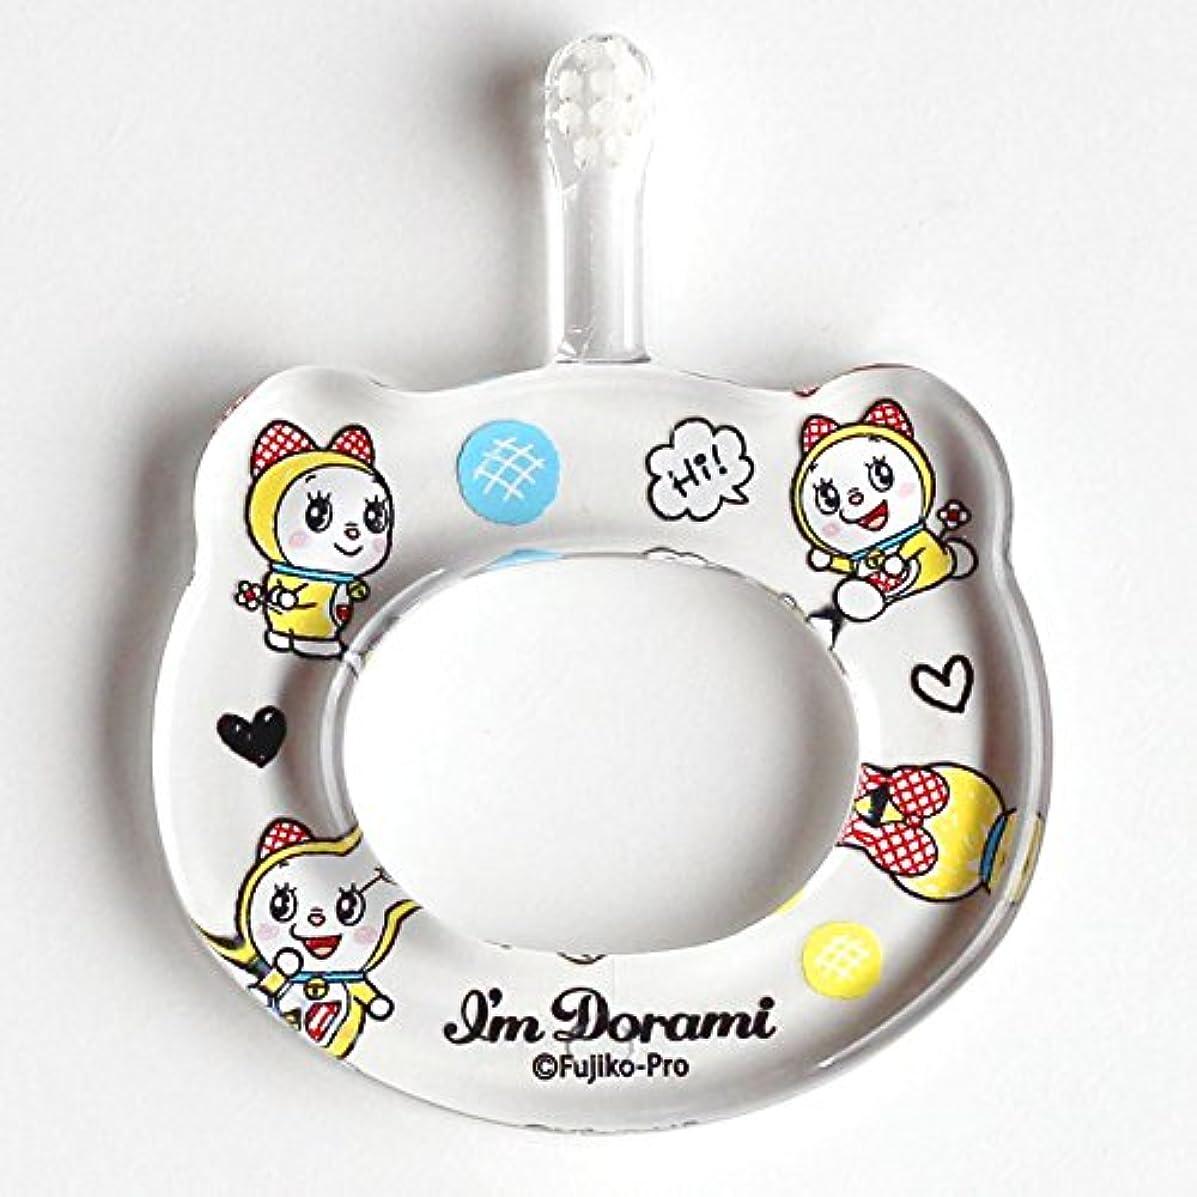 激しいシャッターそれにもかかわらずHAMICO ベビー歯ブラシ(キャラクター限定商品) ワンサイズ ドラミ